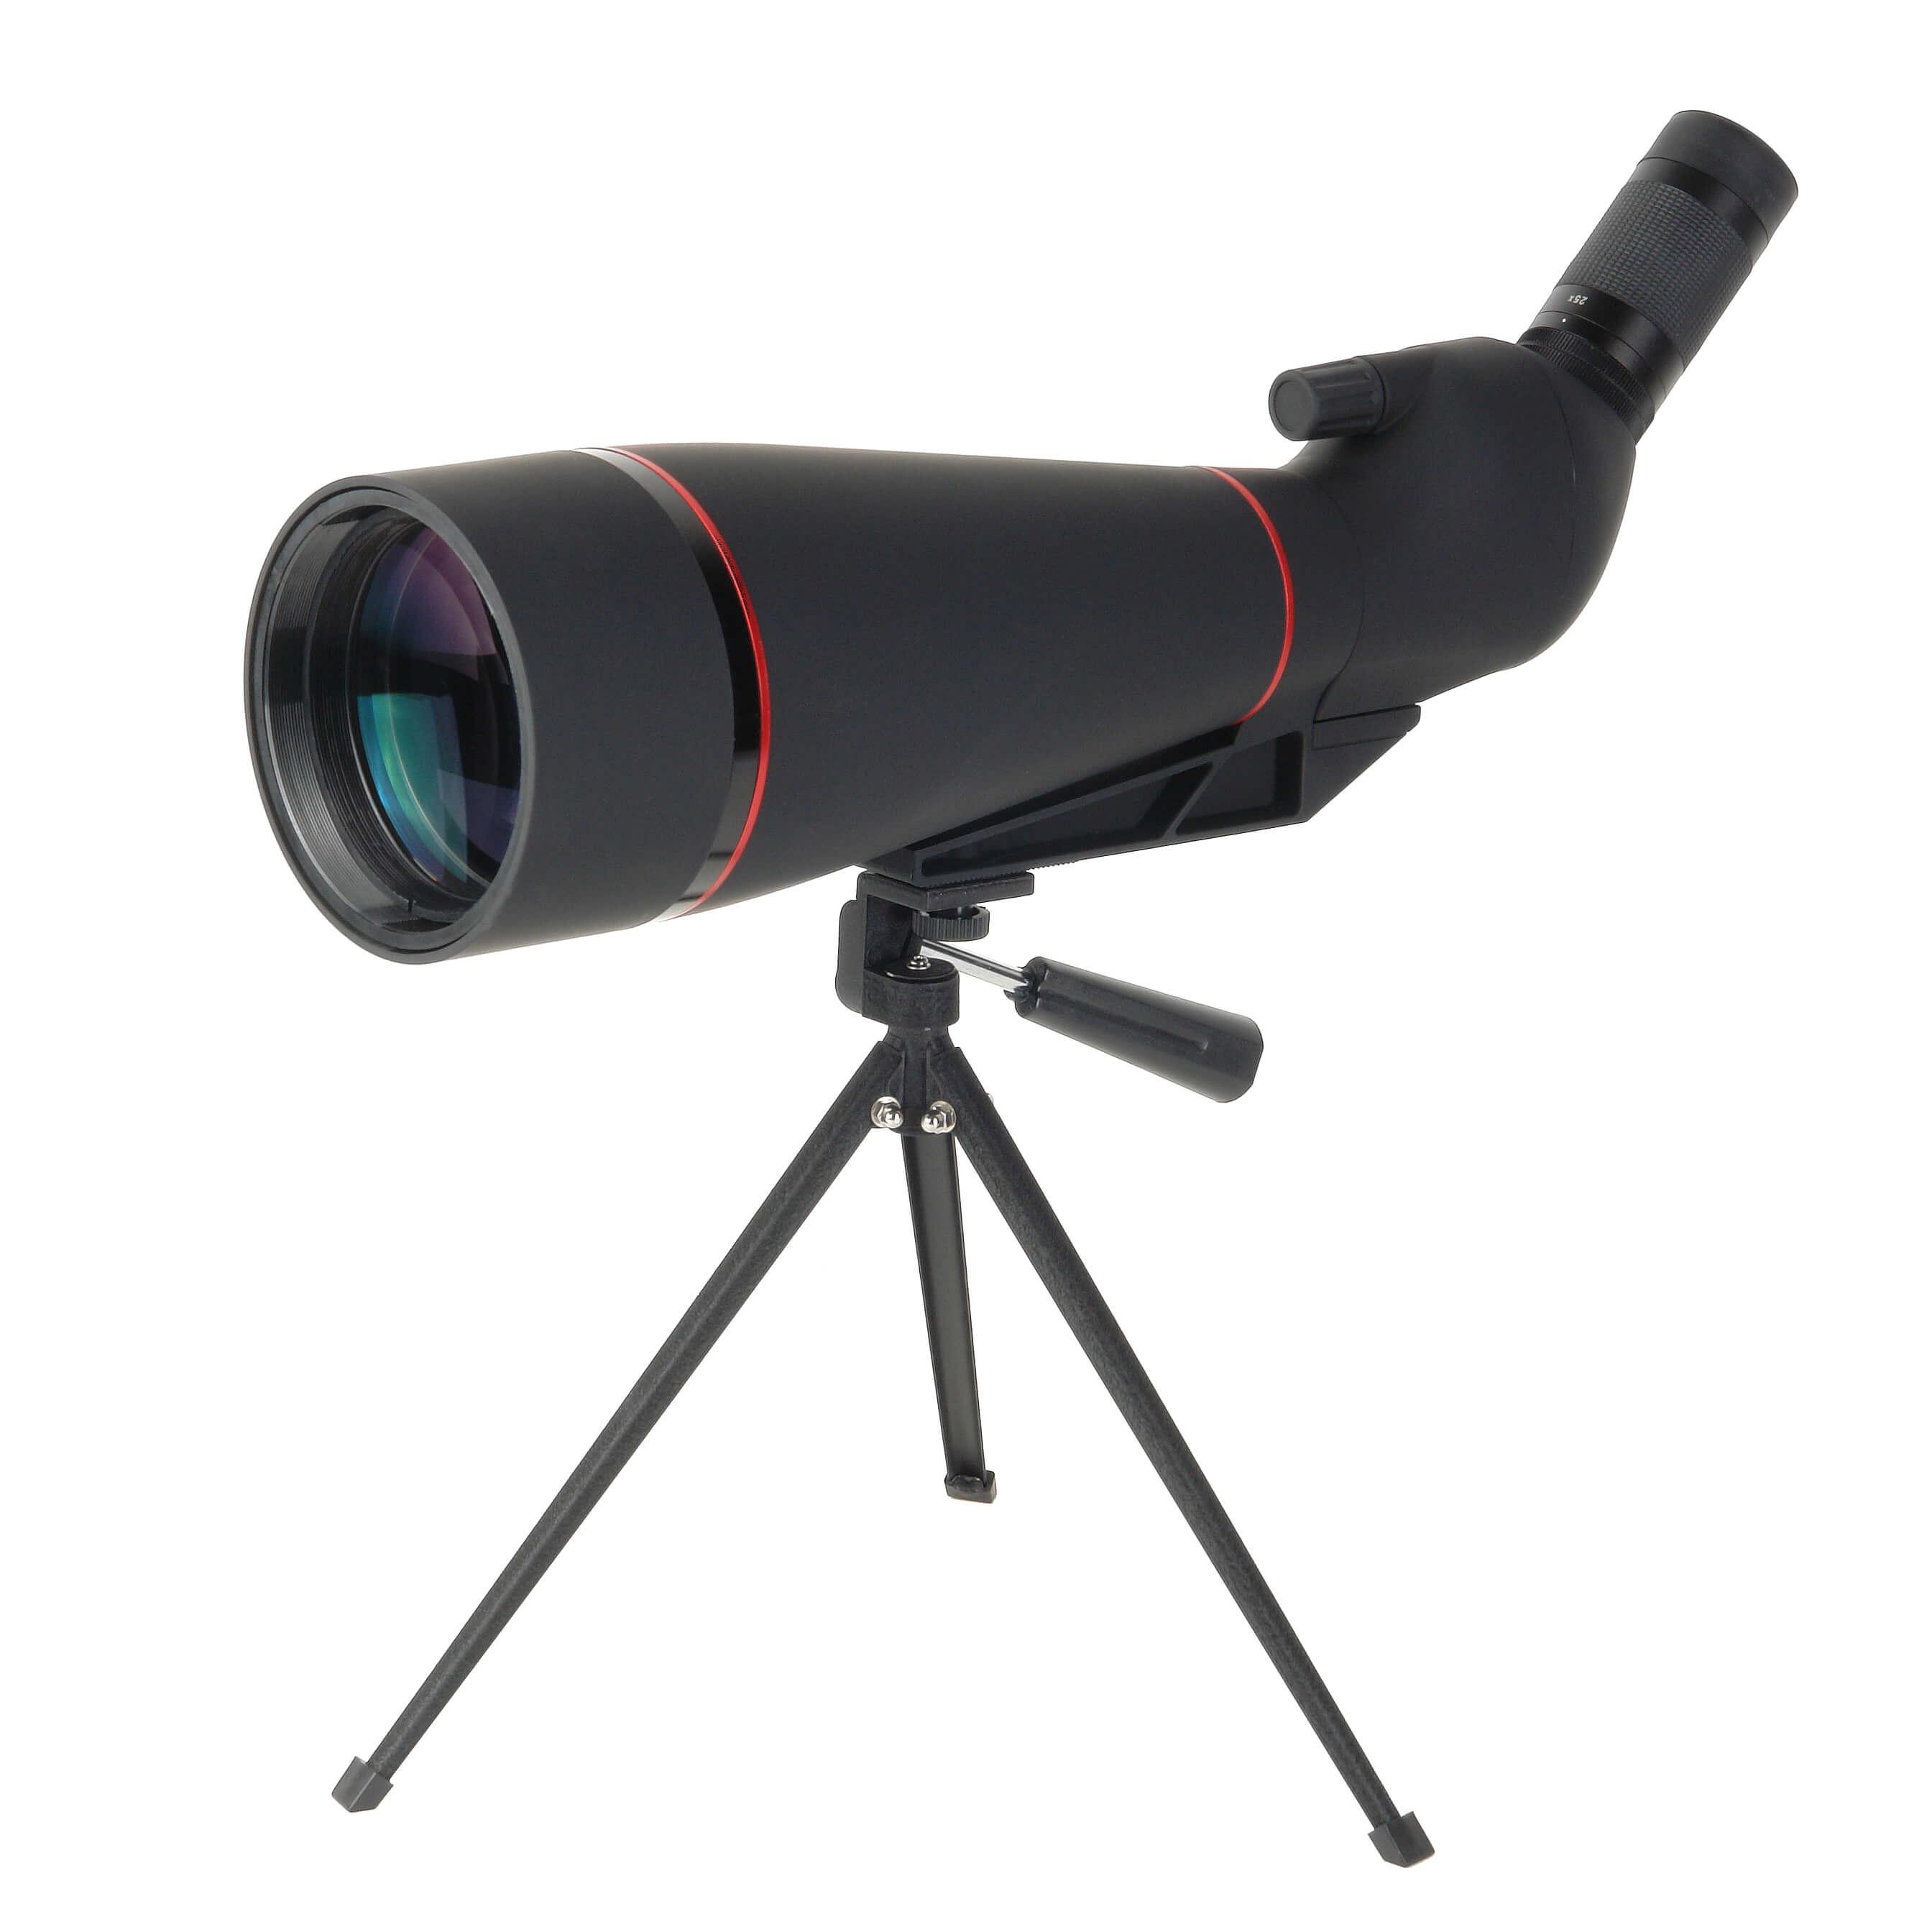 Зрительная труба Veber 25-75x100 Pro